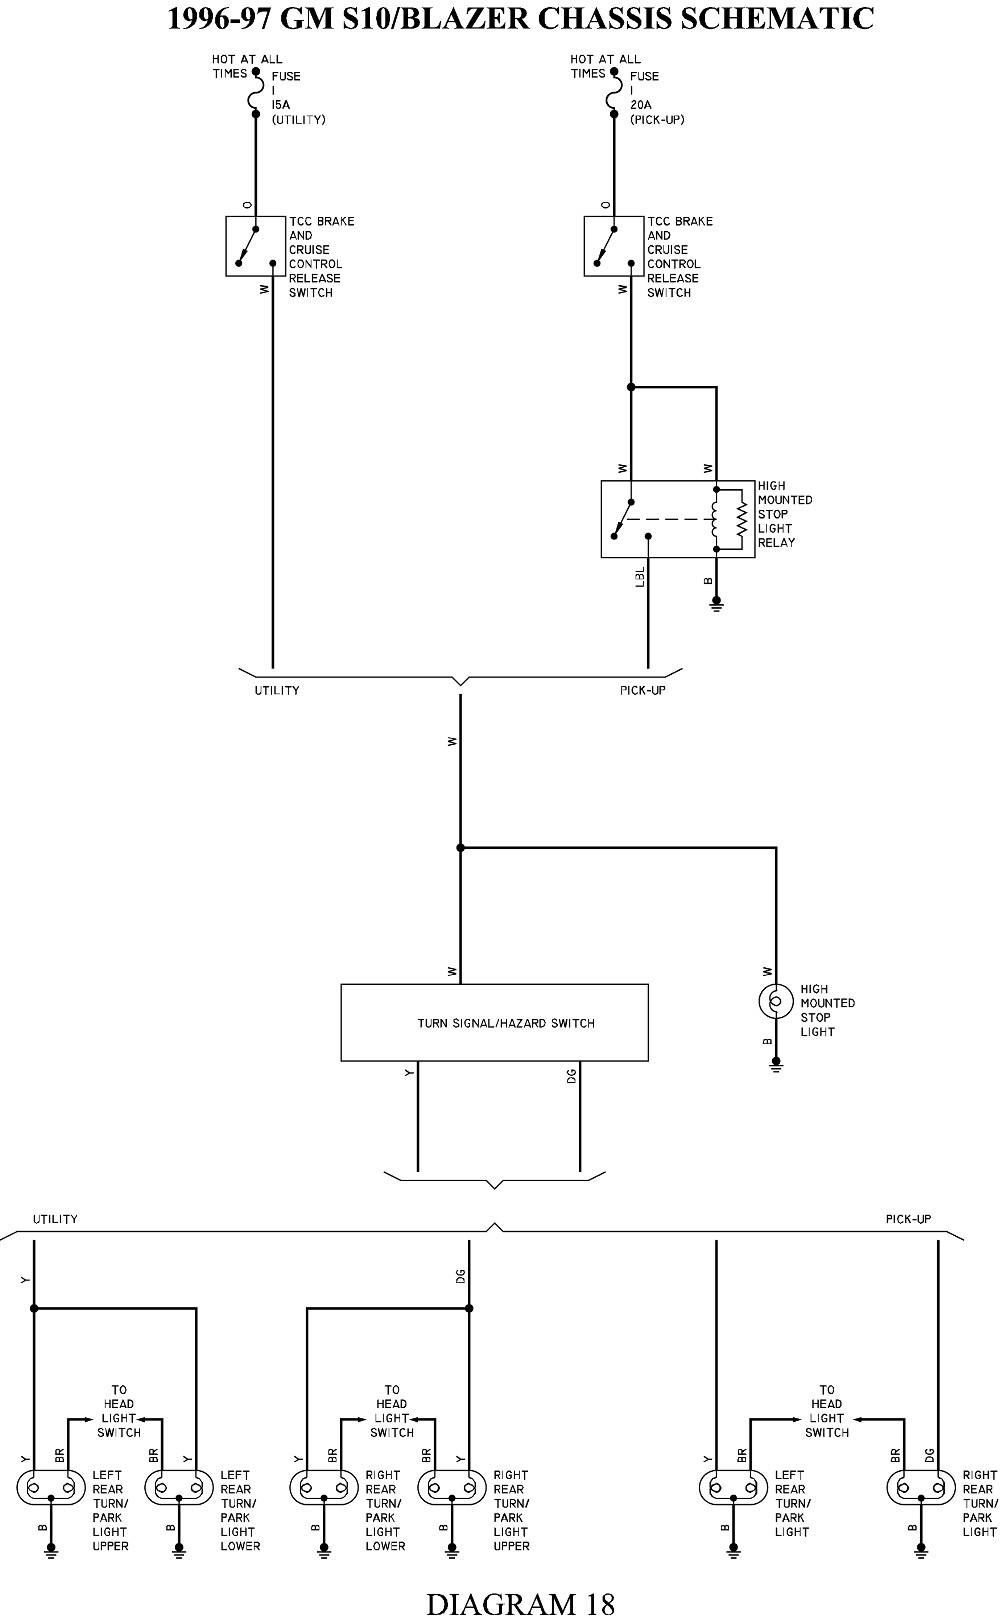 98 Chevy Blazer Fuse Block Wiring Diagram - Wiring Diagram Networks | 1998 Chevy Blazer Trailer Wiring Diagram |  | Wiring Diagram Networks - blogger